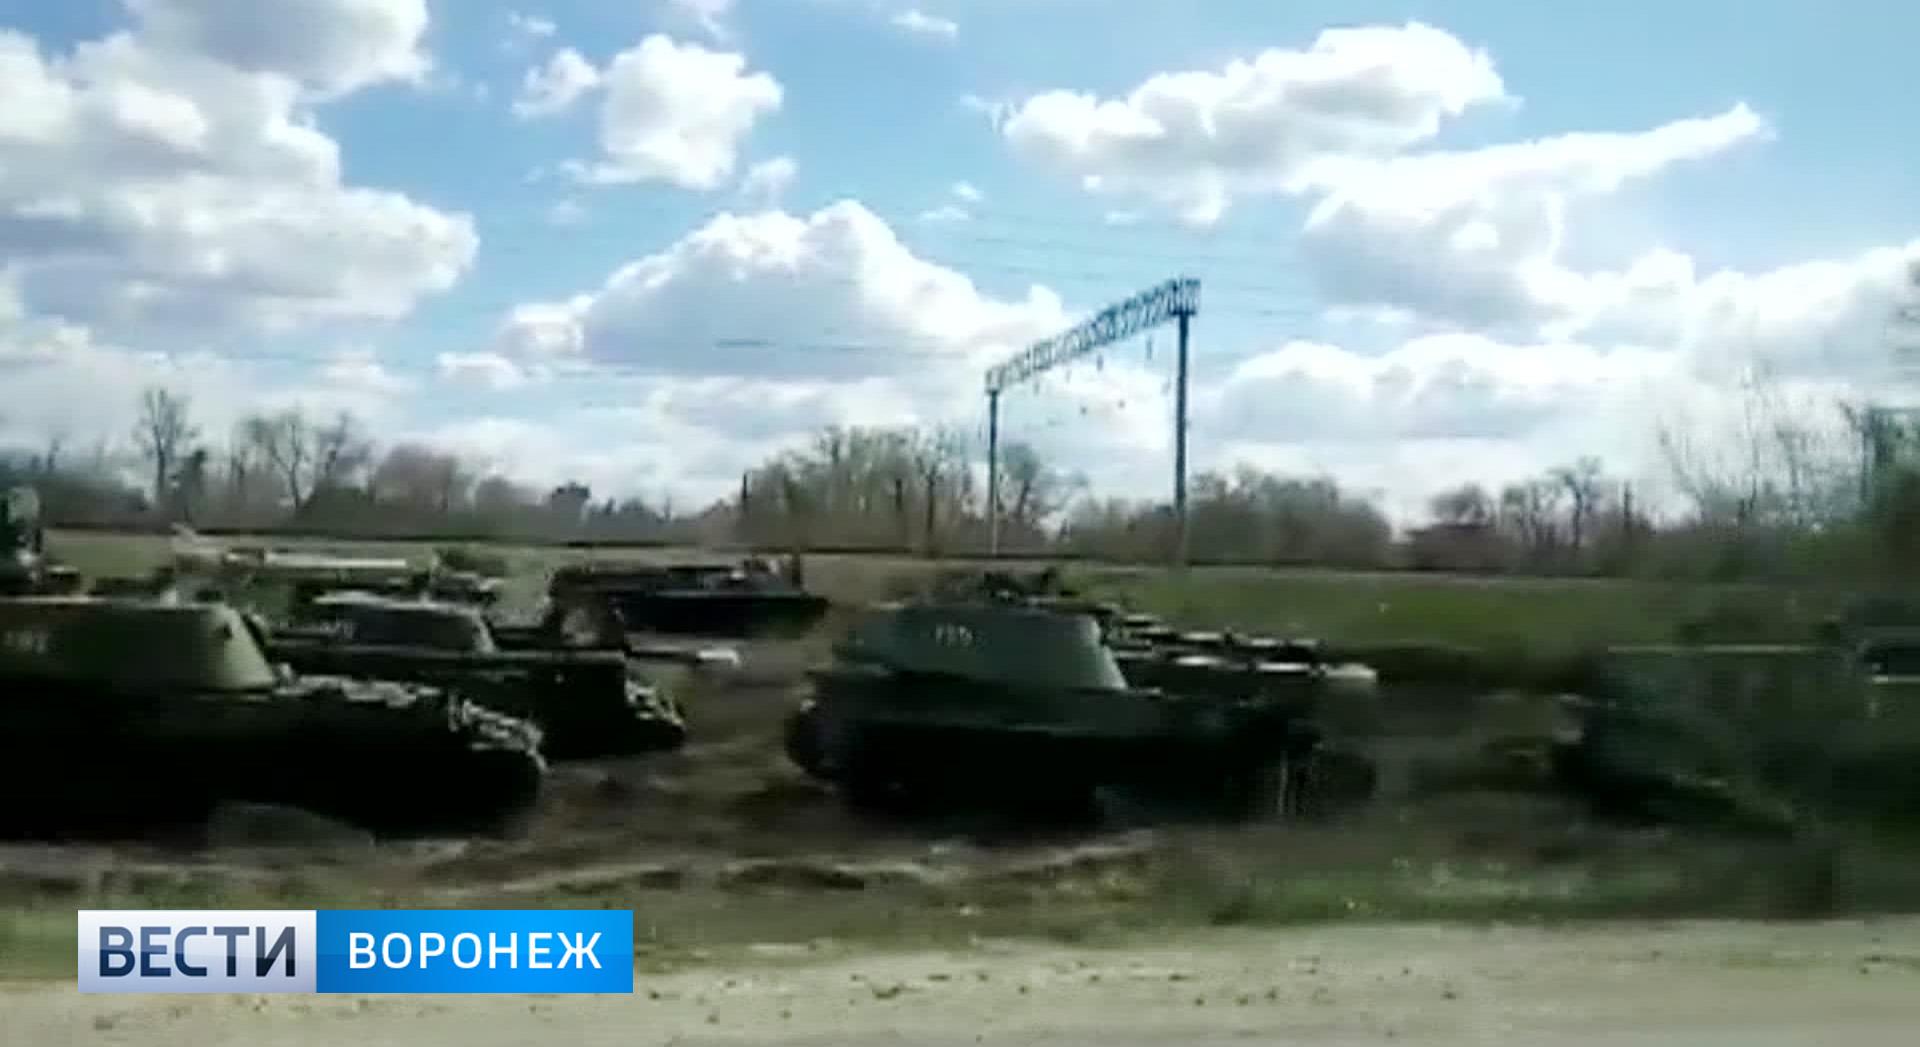 Воронежцев напугали военные бронемашины на улицах Масловки